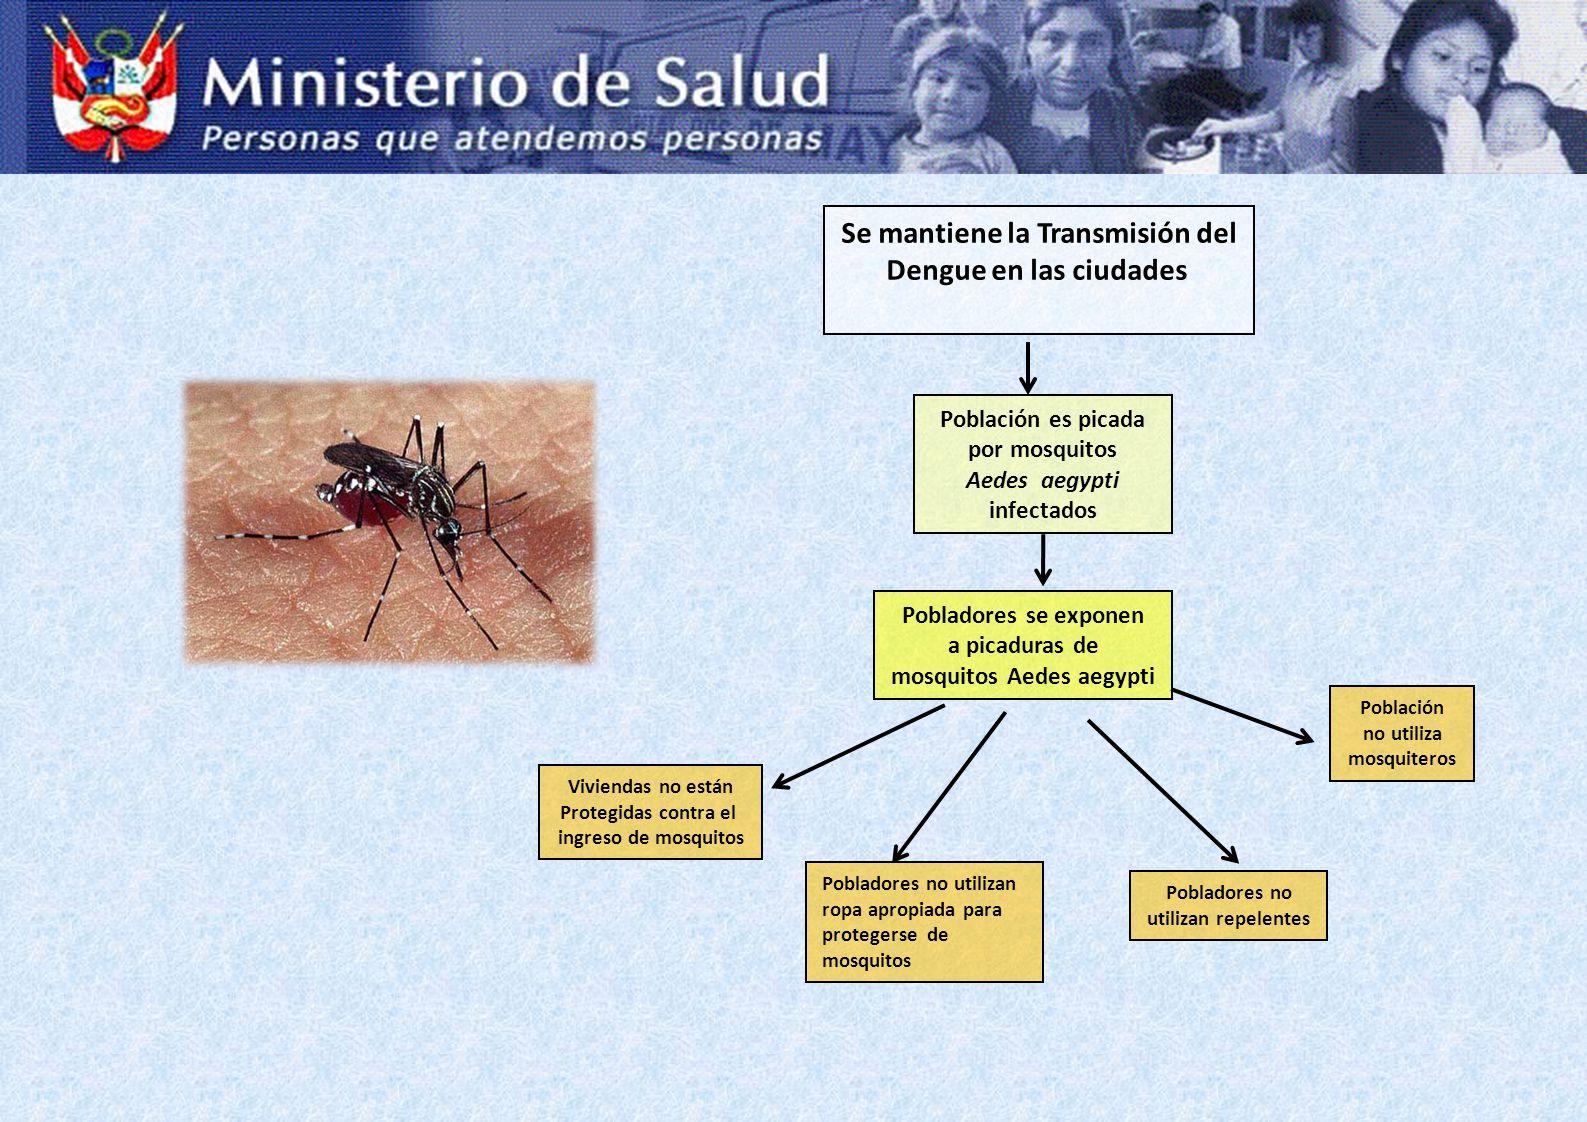 Se mantiene la Transmisión del Dengue en las ciudades Población es picada por mosquitos Aedes aegypti infectados Pobladores no utilizan ropa apropiada